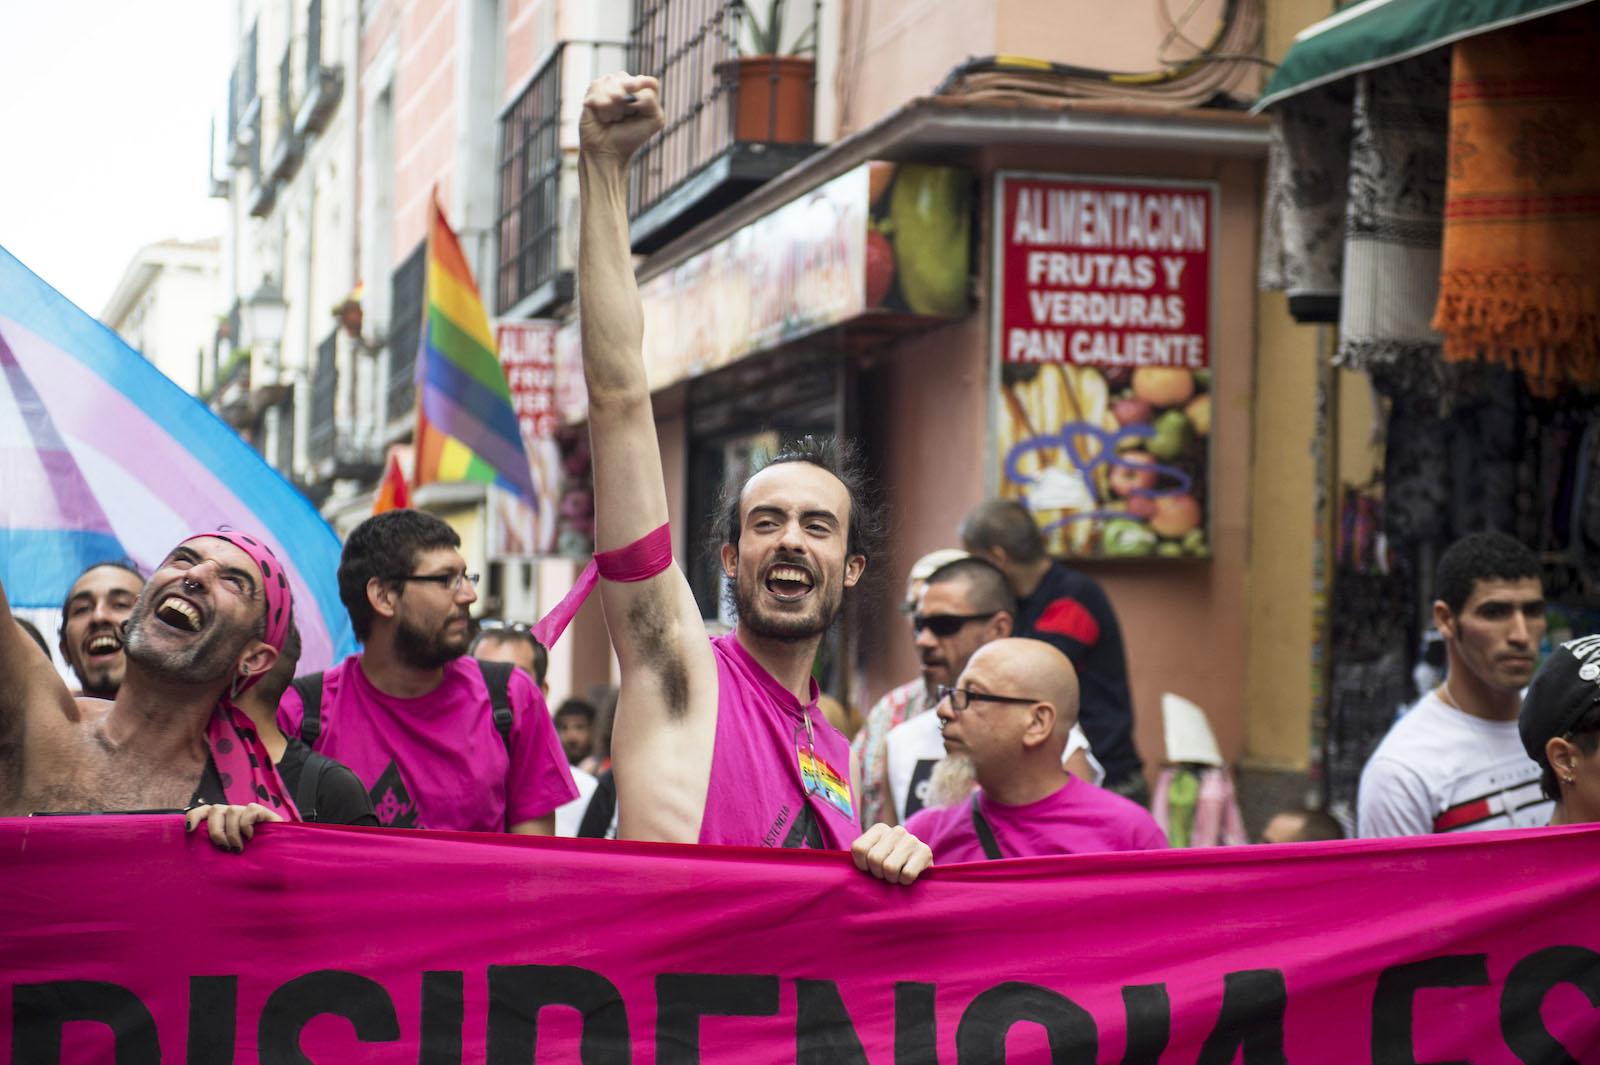 ¿Queremos un movimiento LGBTI que copie lo heterosexual o que sacuda a la sociedad?